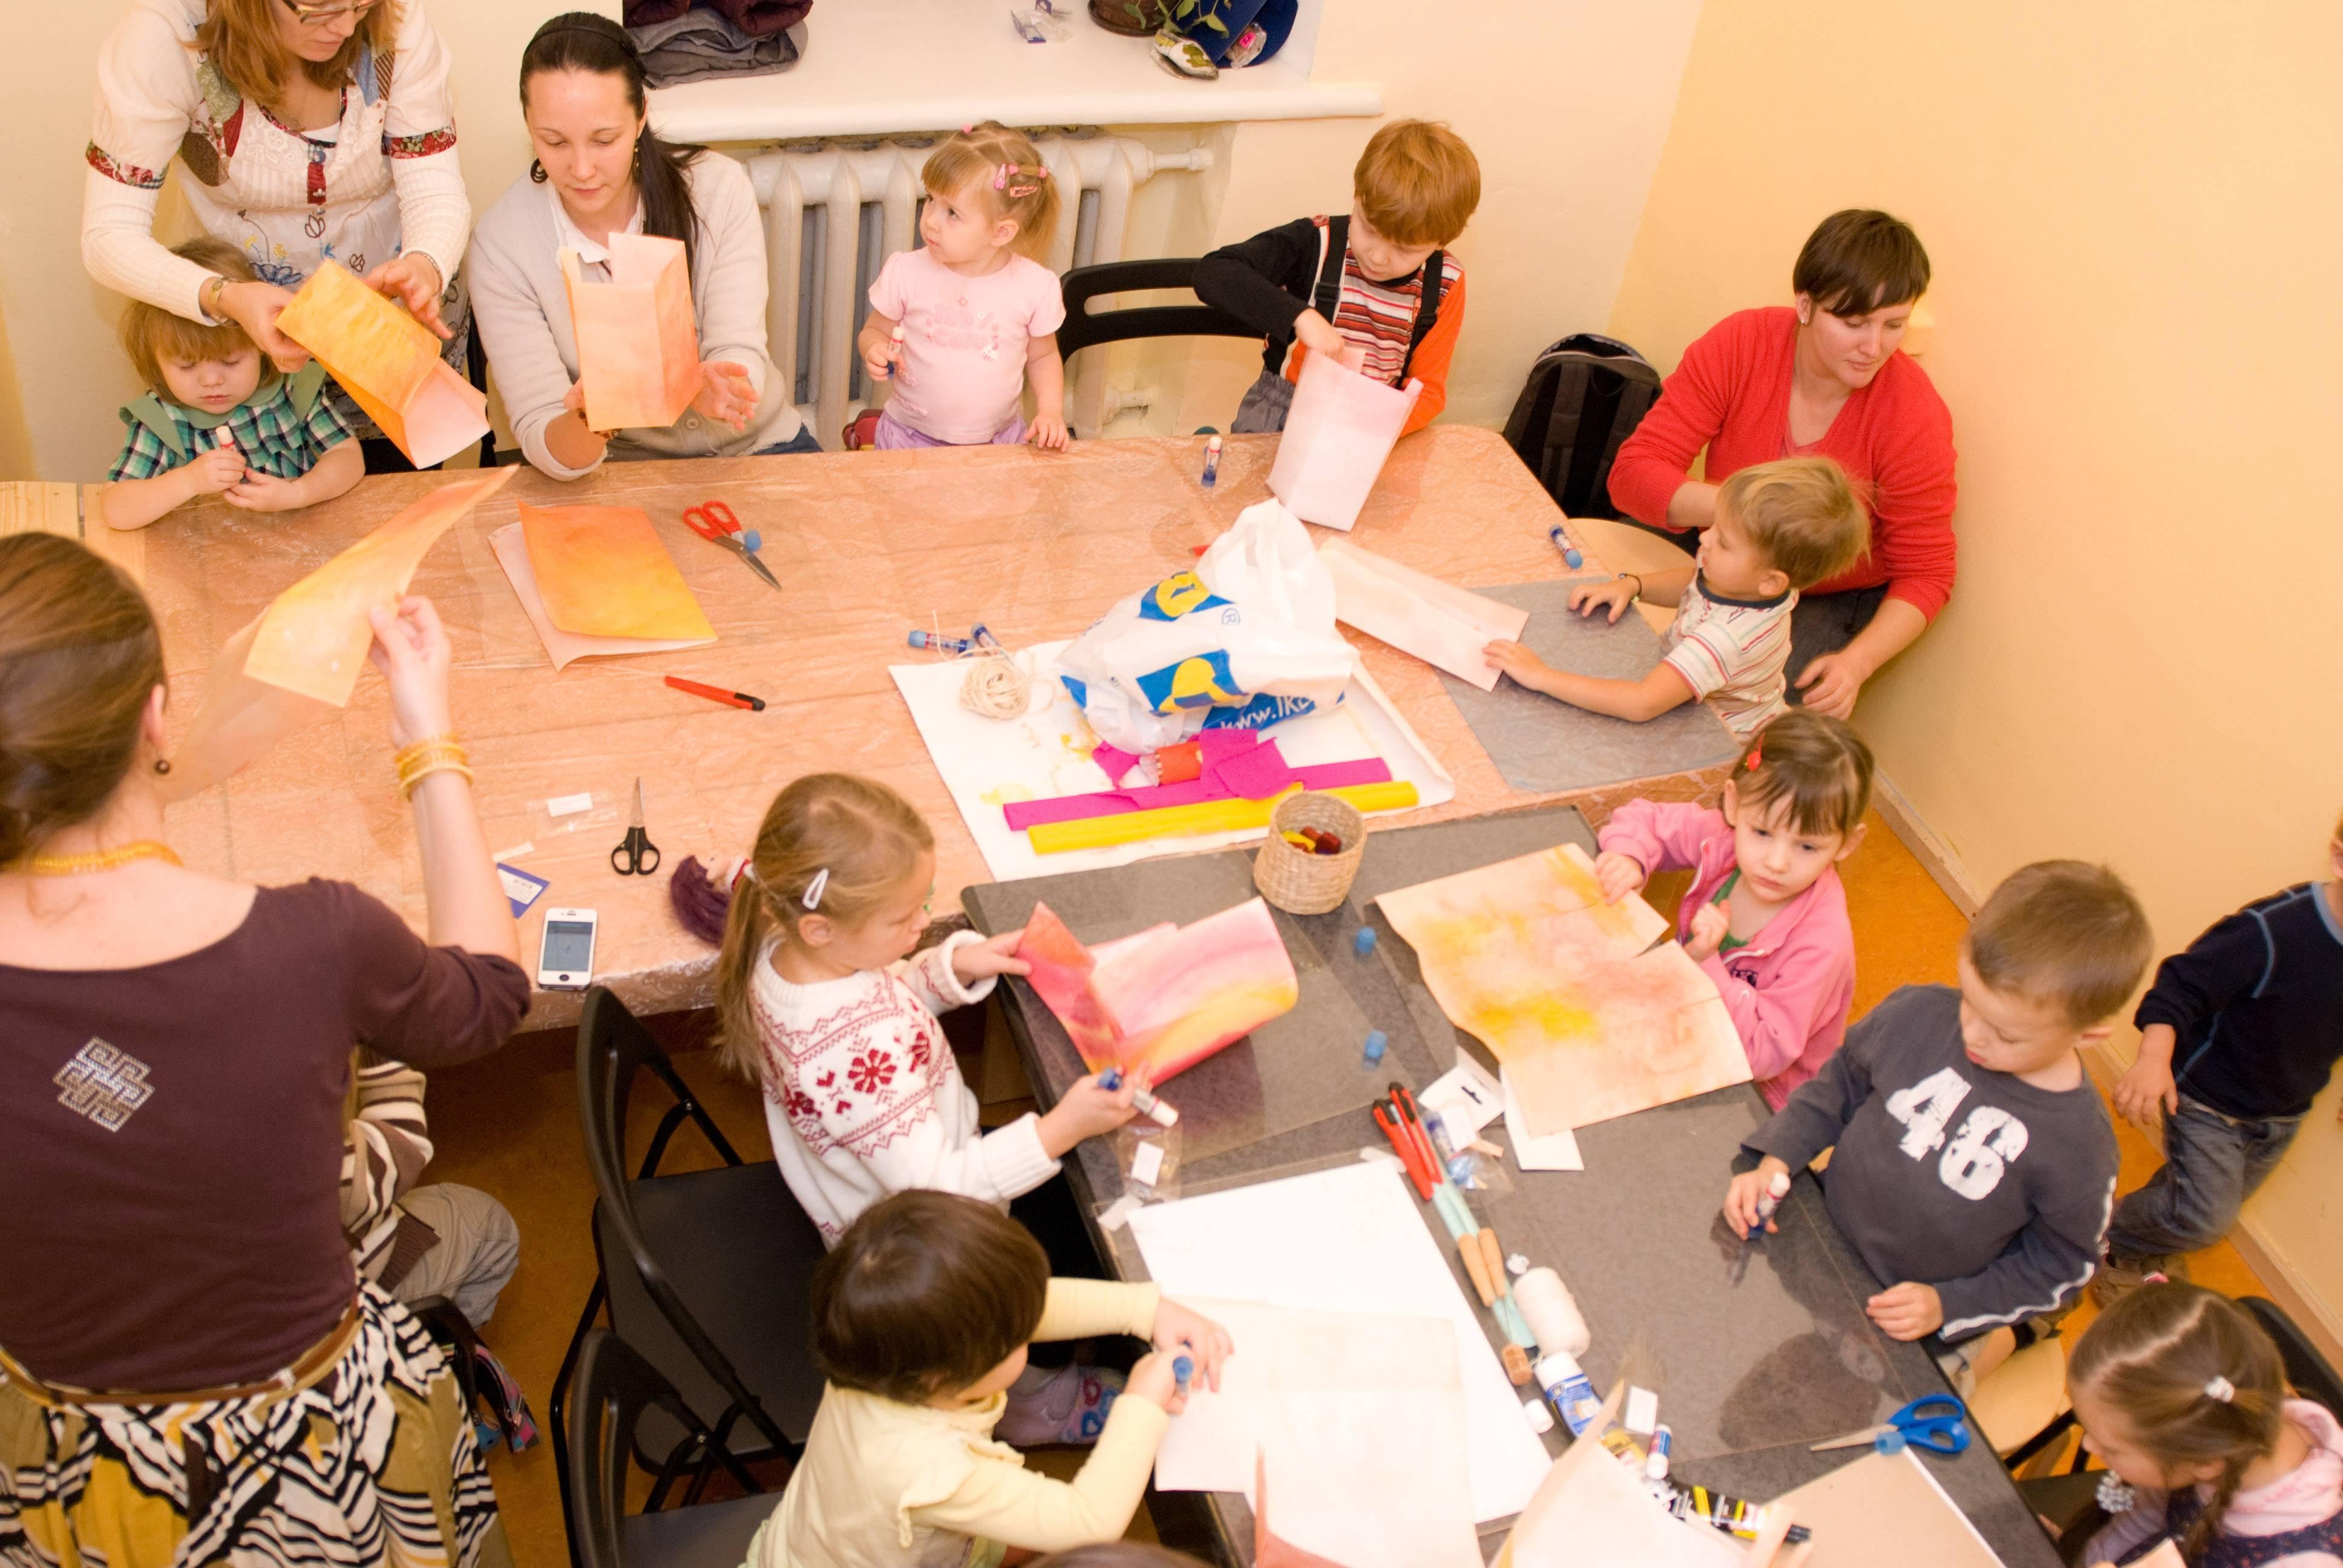 Конкурсы творческие с детьми в детском саду